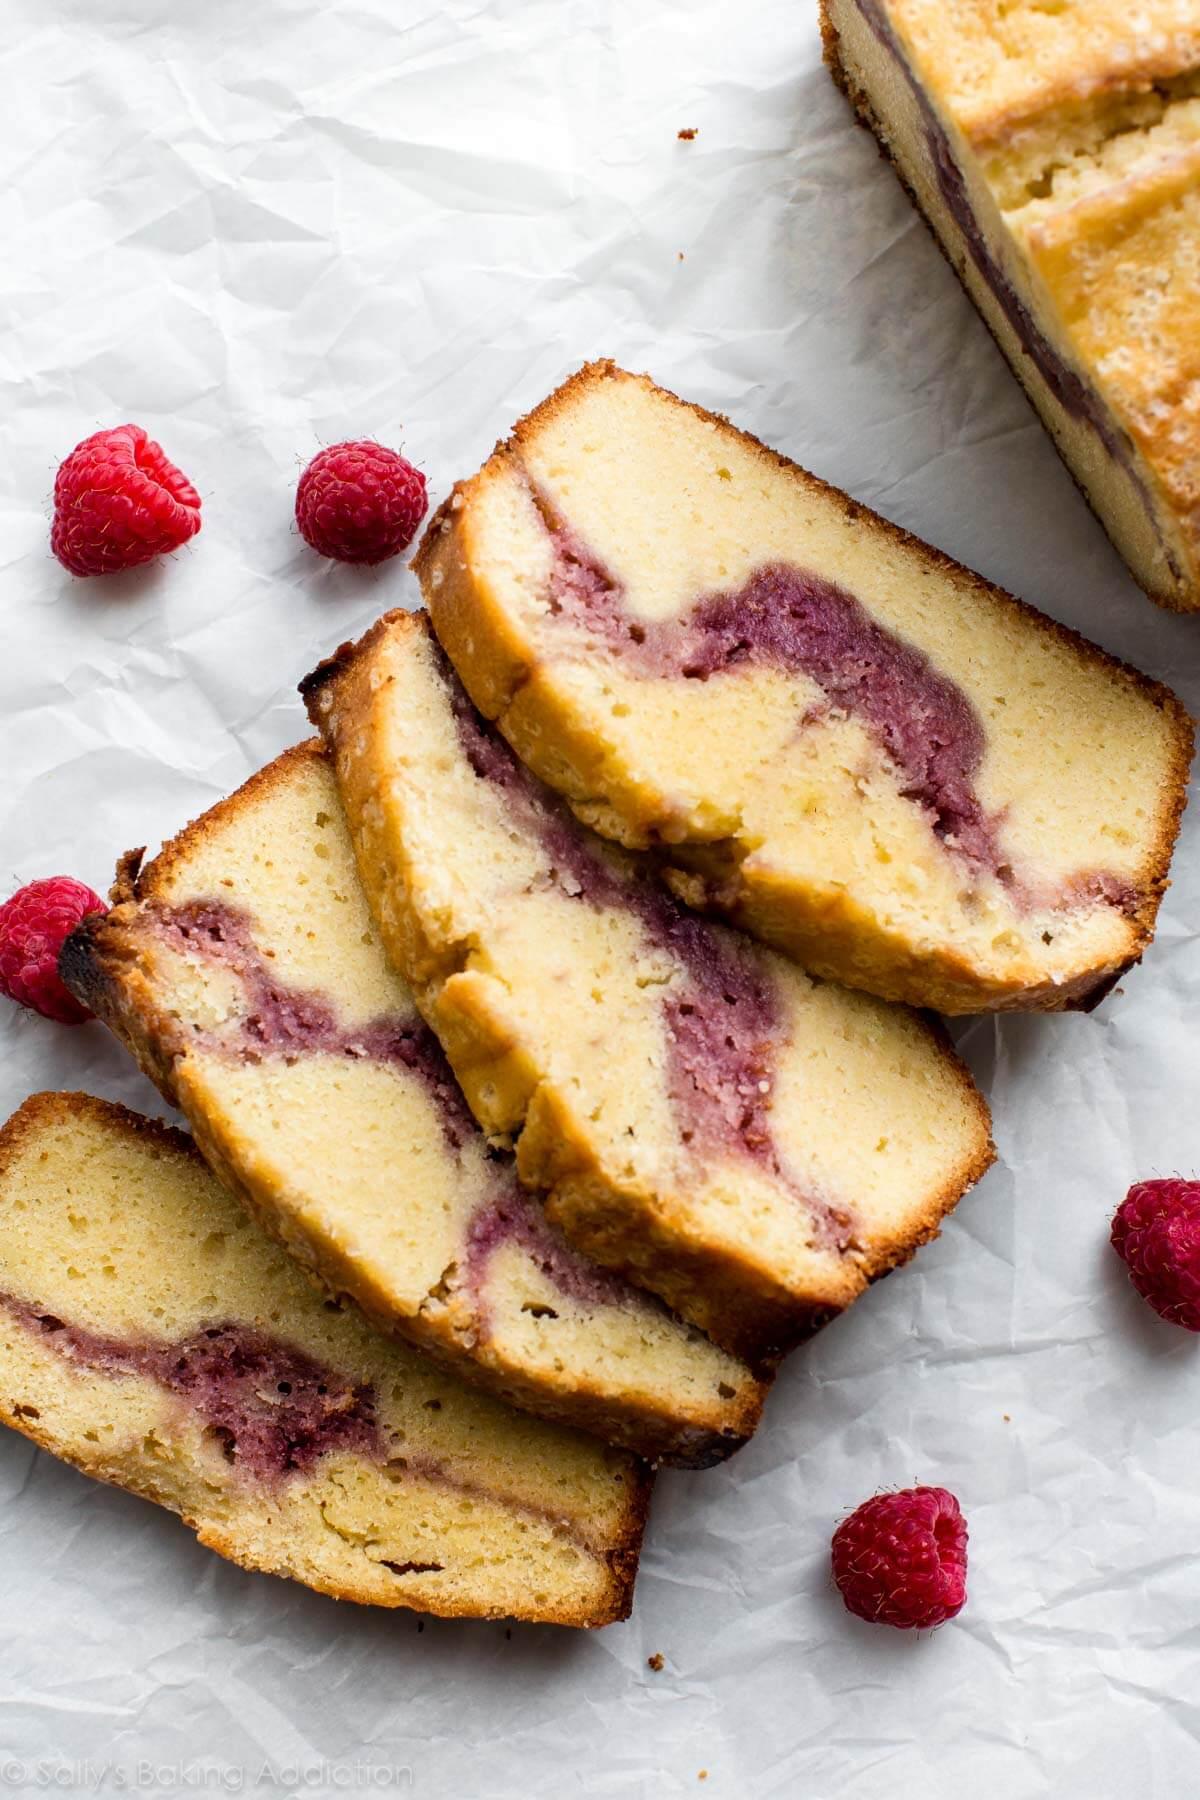 Délicieux gâteau moelleux et beurré avec un tourbillon de framboise épais! Garni de glaçage et SI FACILE à faire! Recette sur sallysbakingaddiction.com